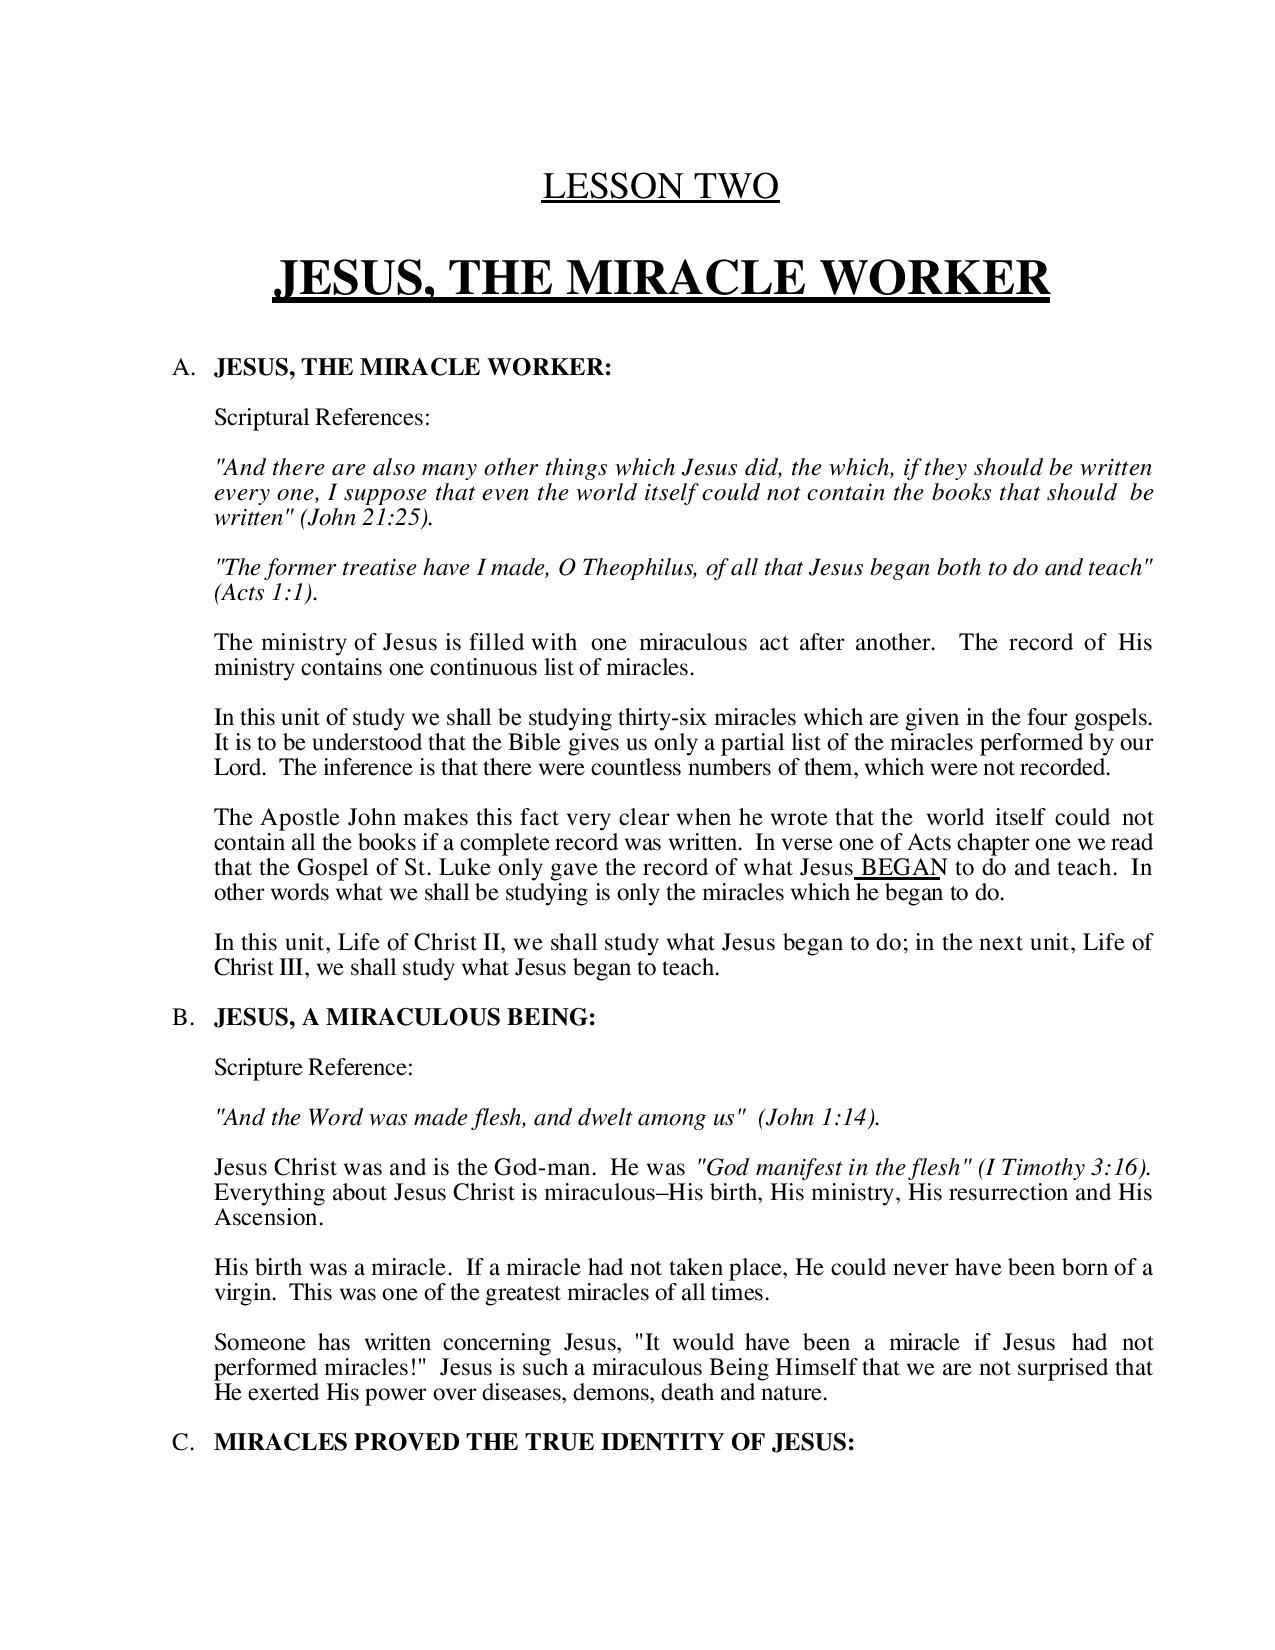 2.biblecollegeformat